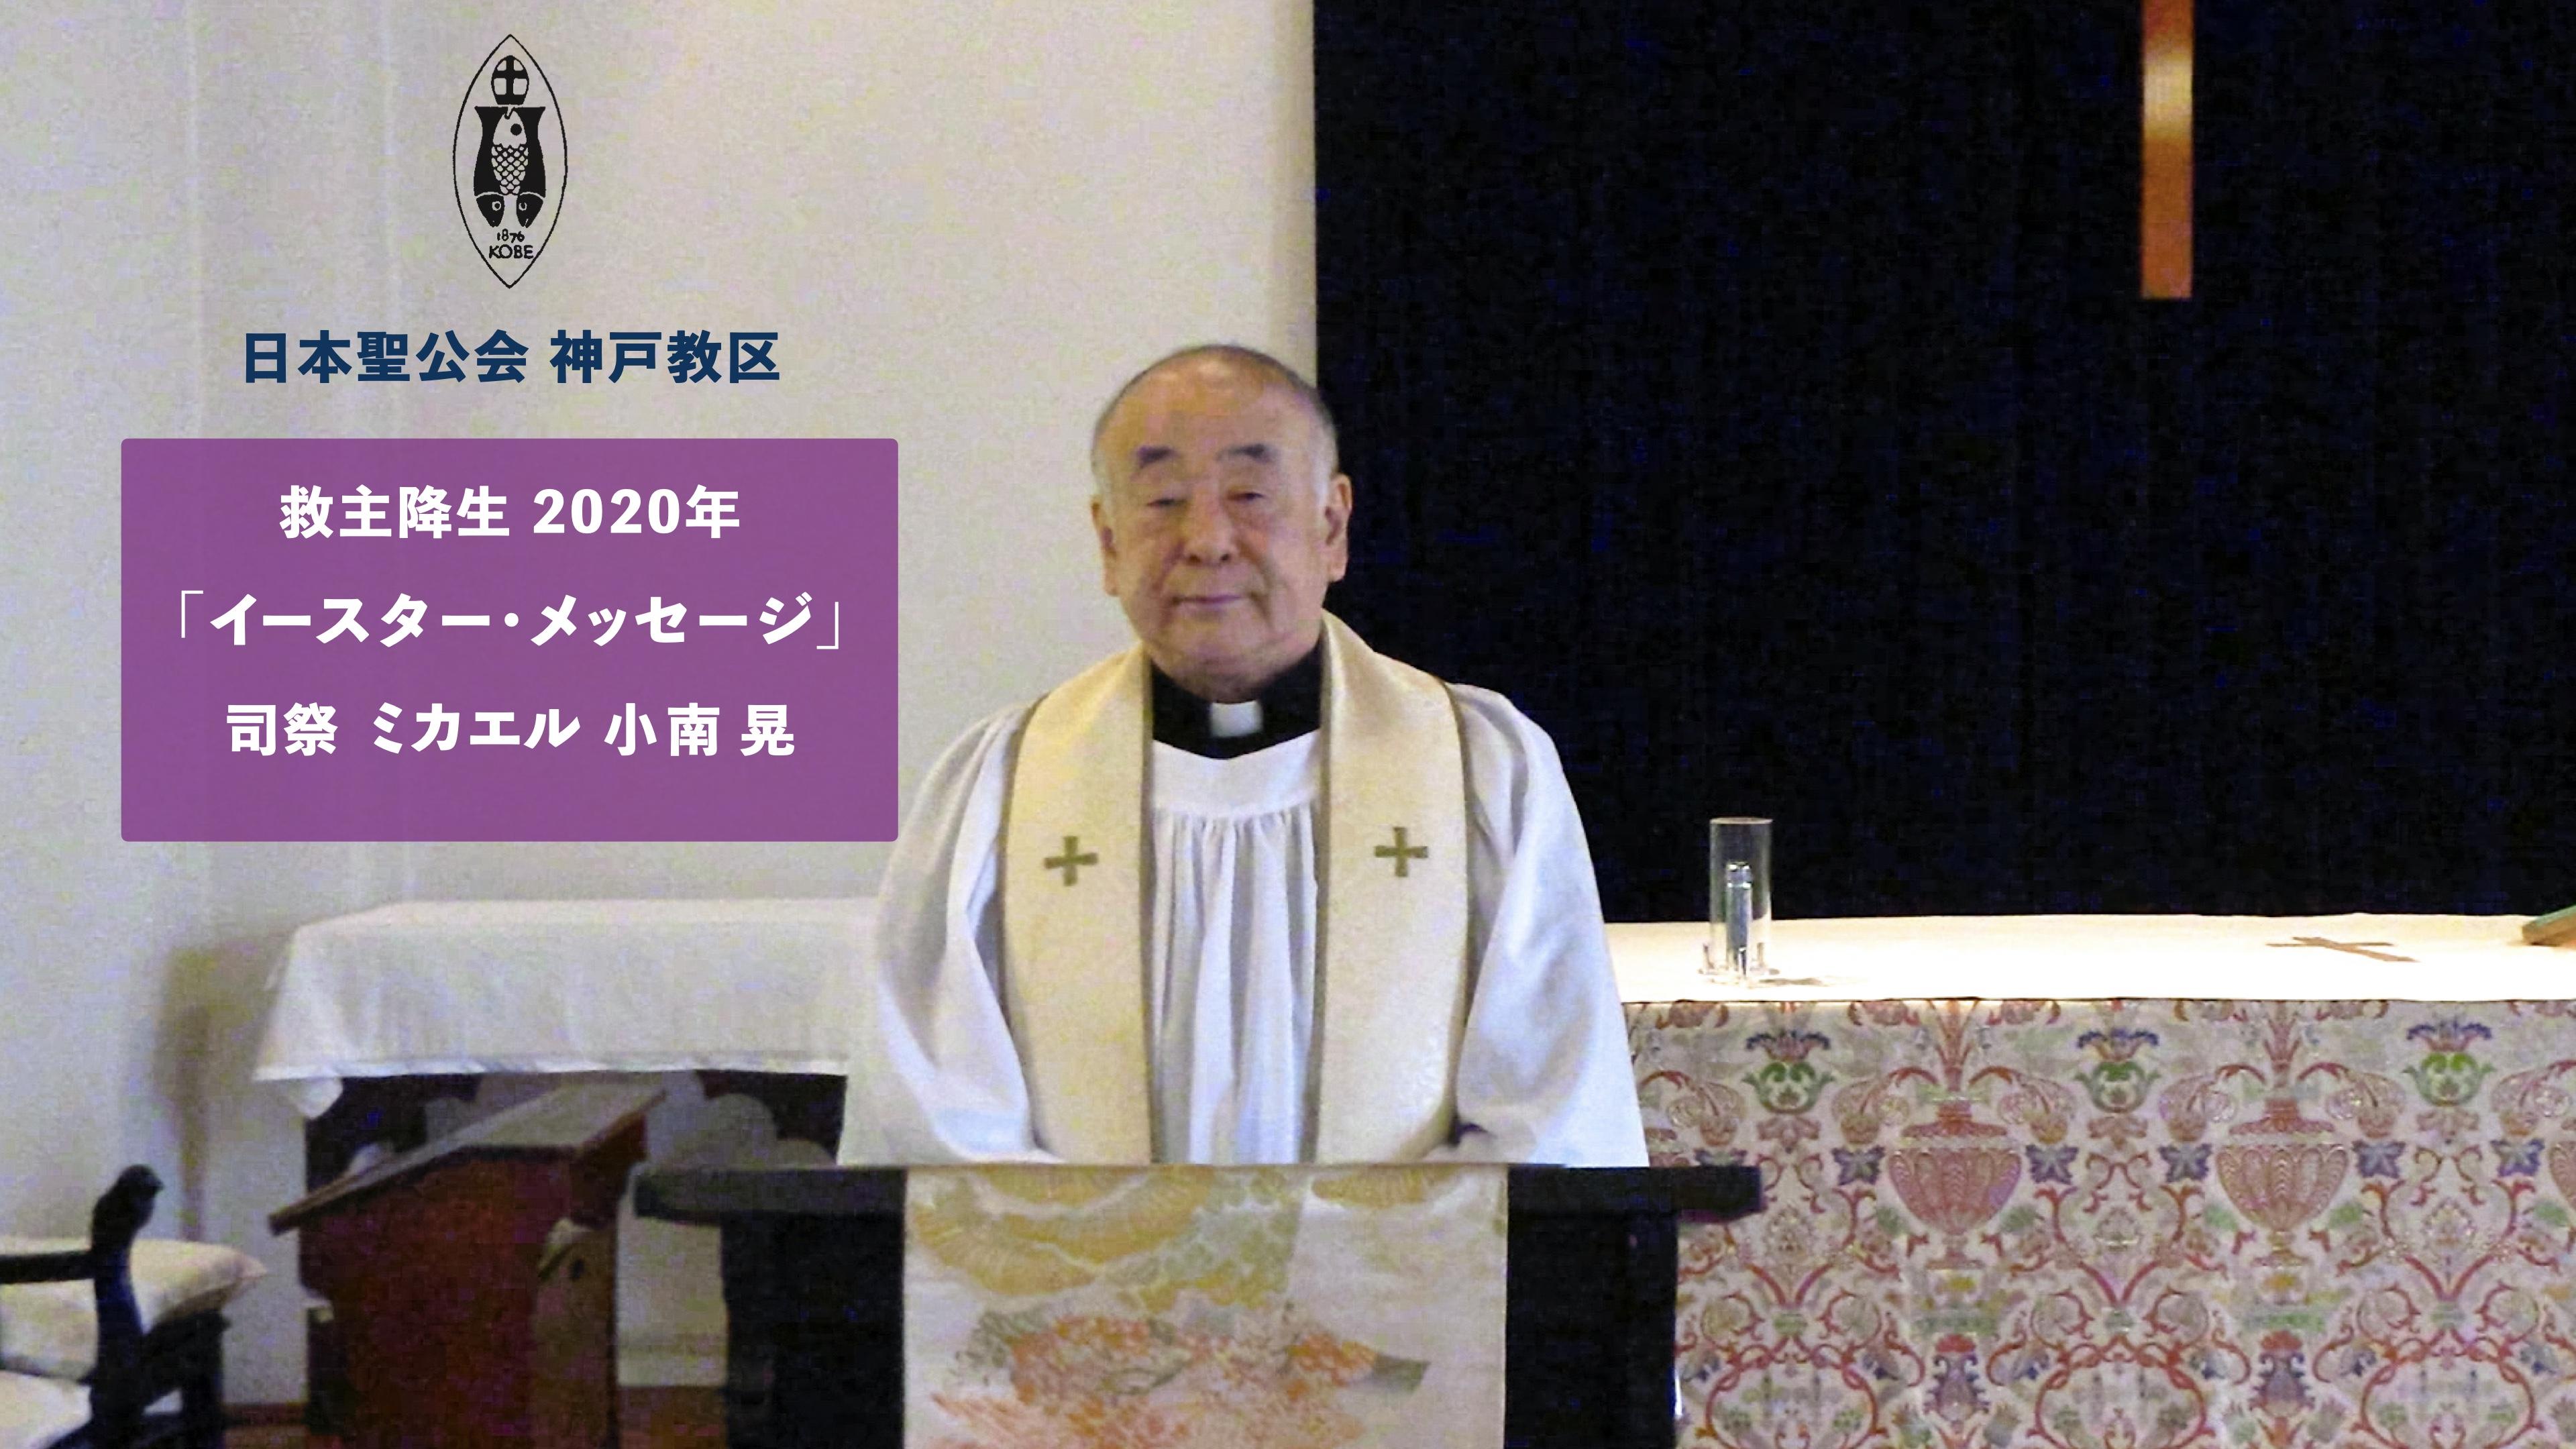 司祭 ミカエル 小南 晃